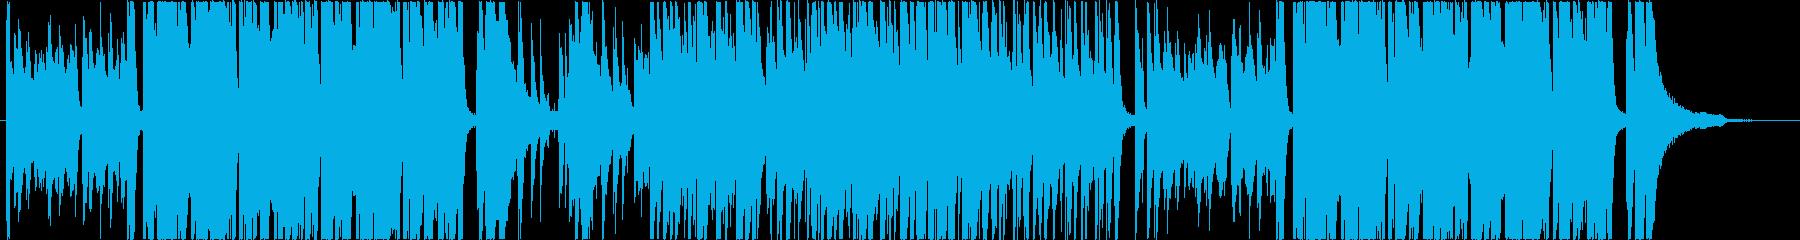 カジノ ルーレット ピアノの再生済みの波形